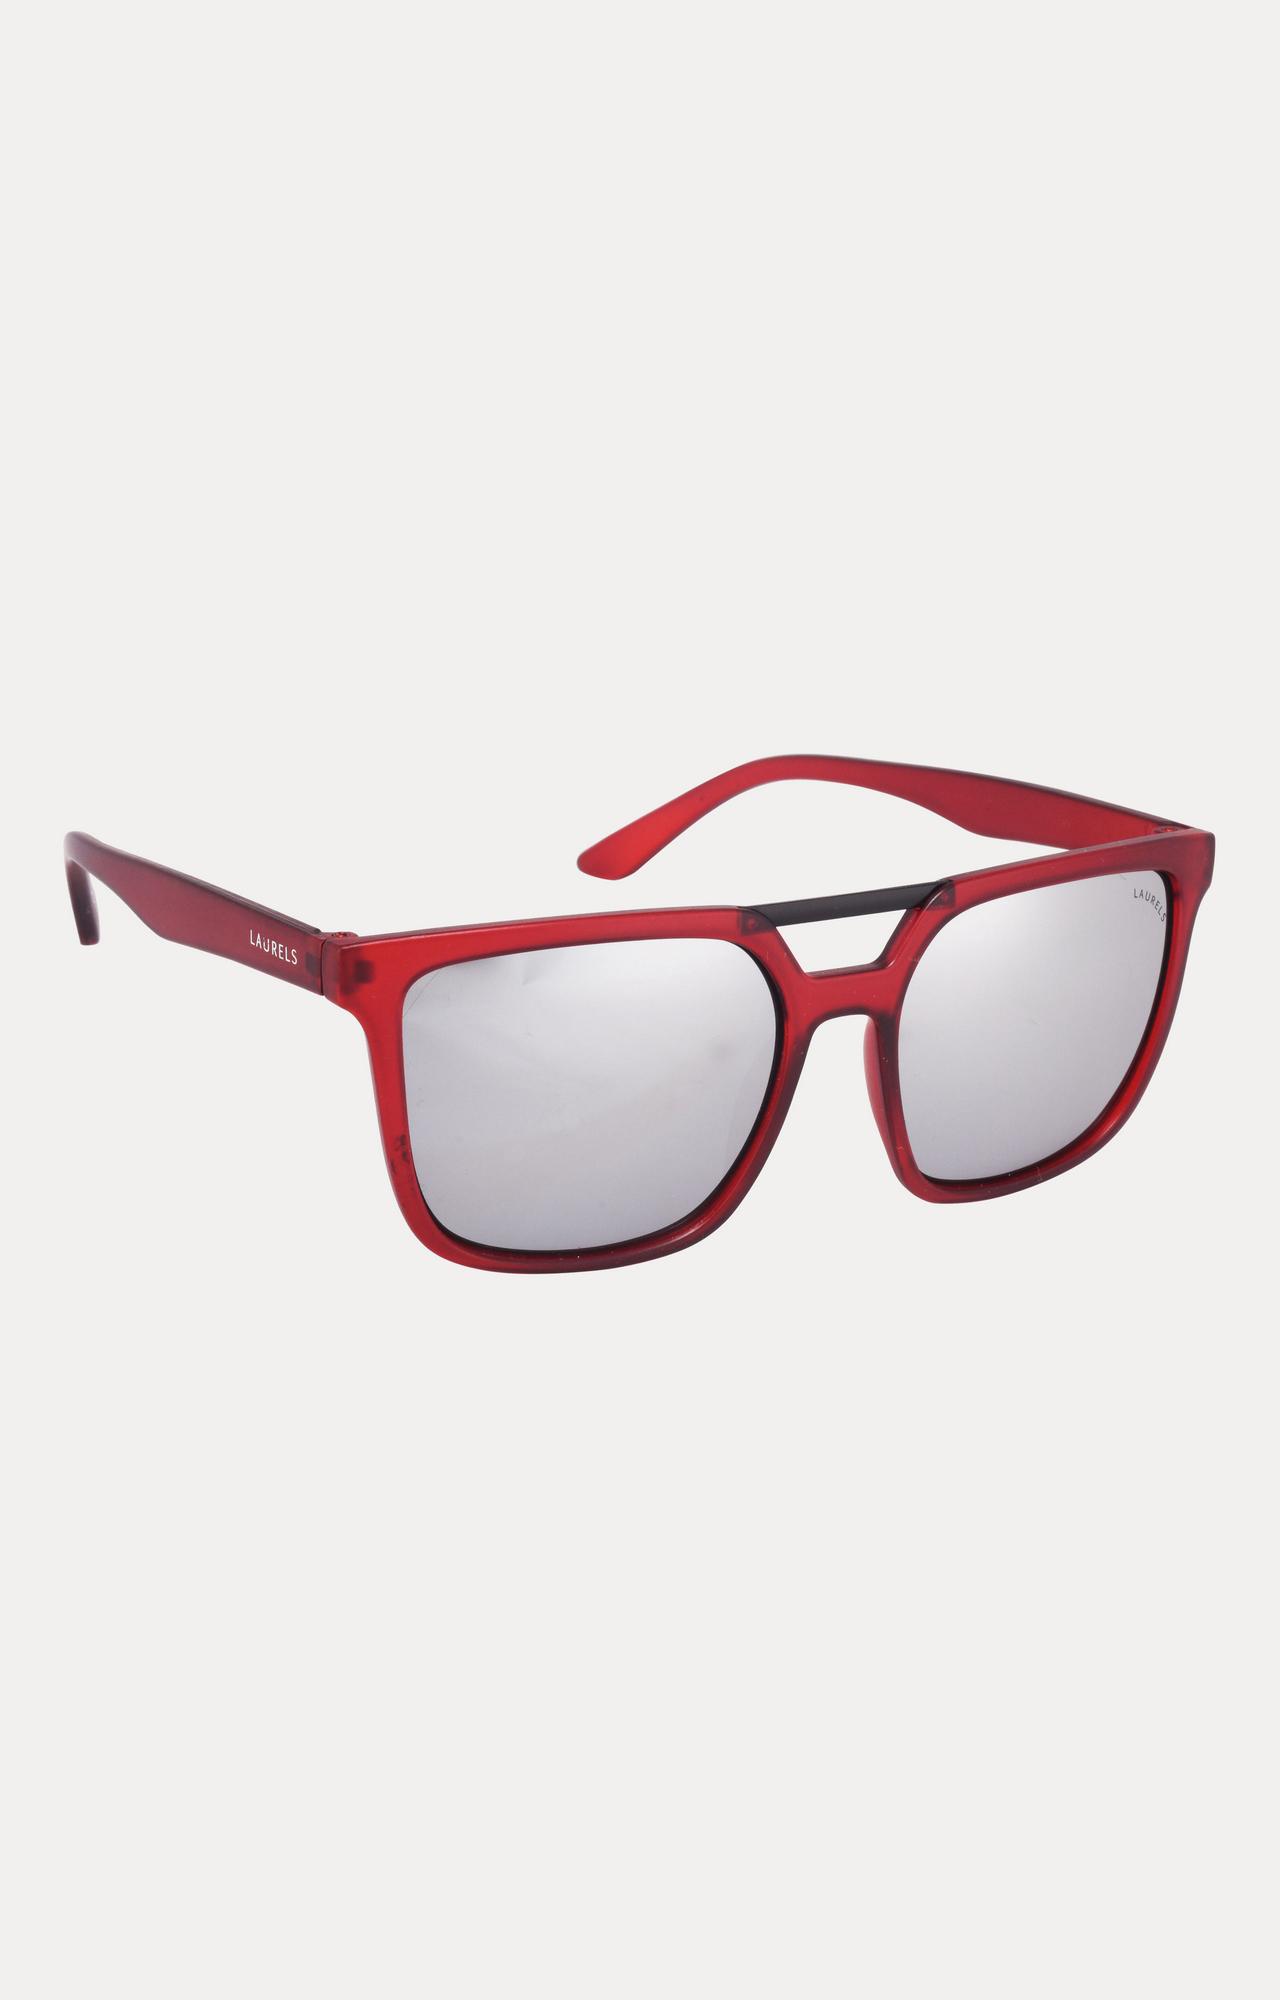 Laurels | Red Wayfarers